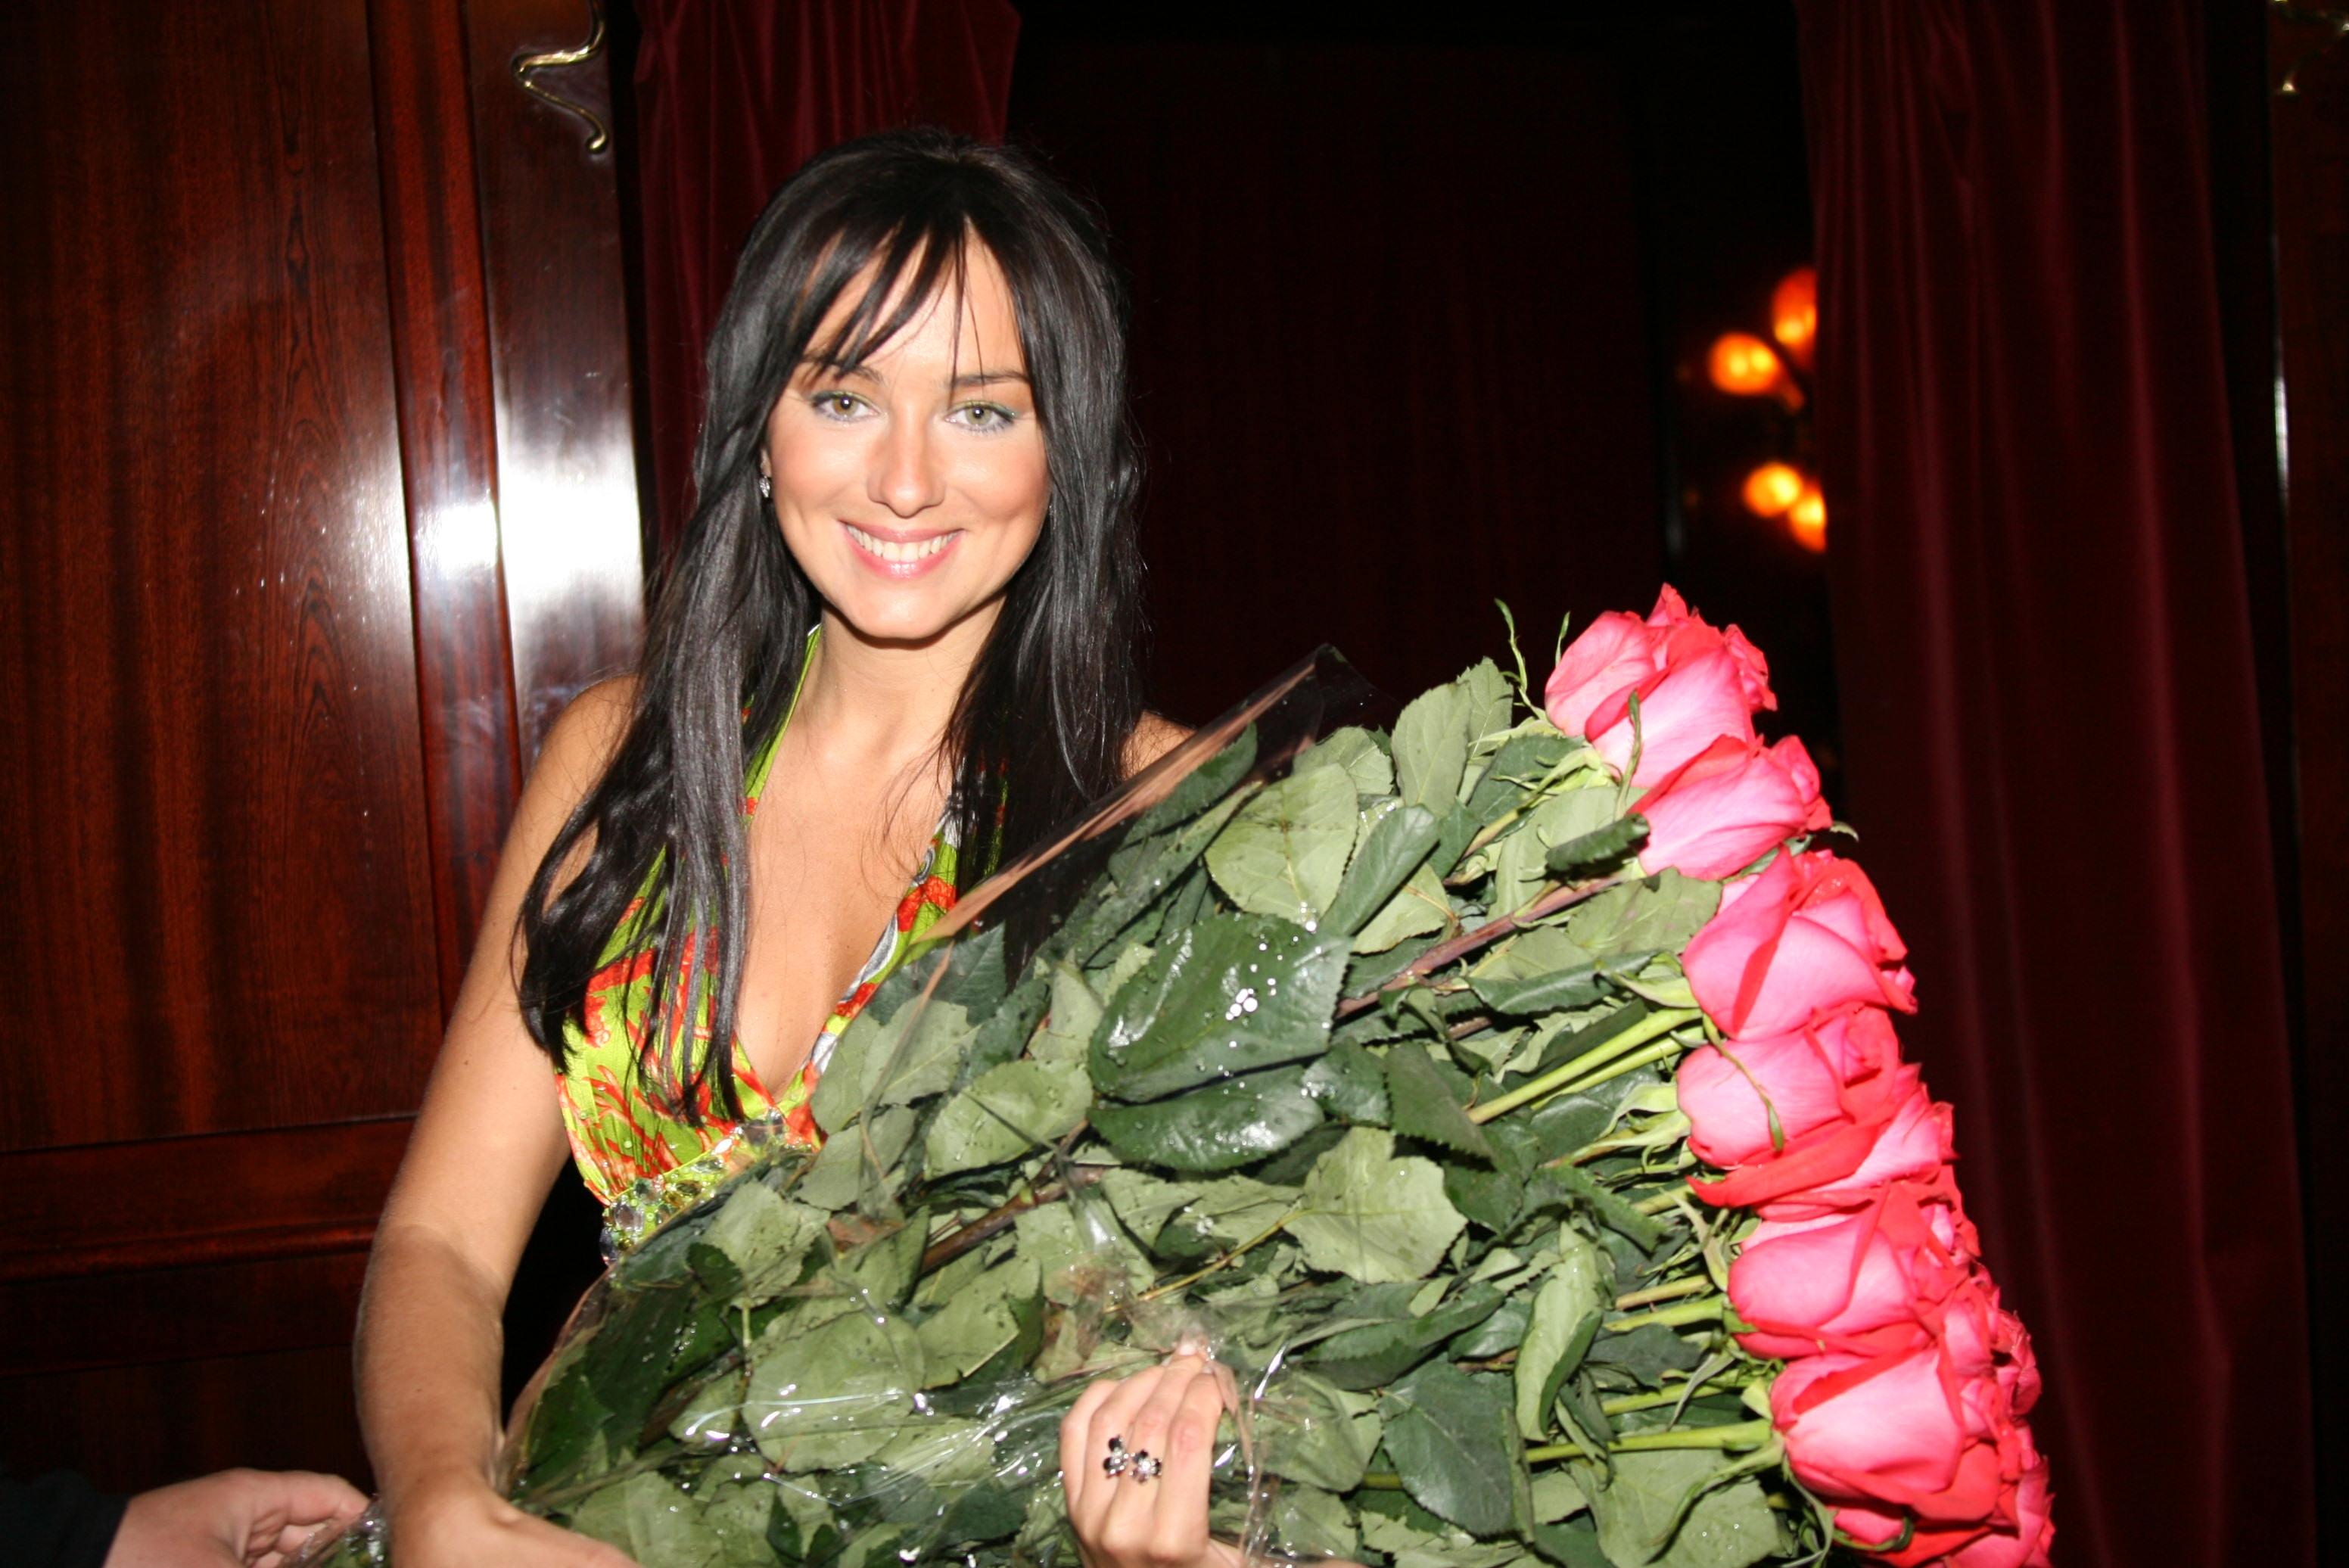 лена саруханова фото